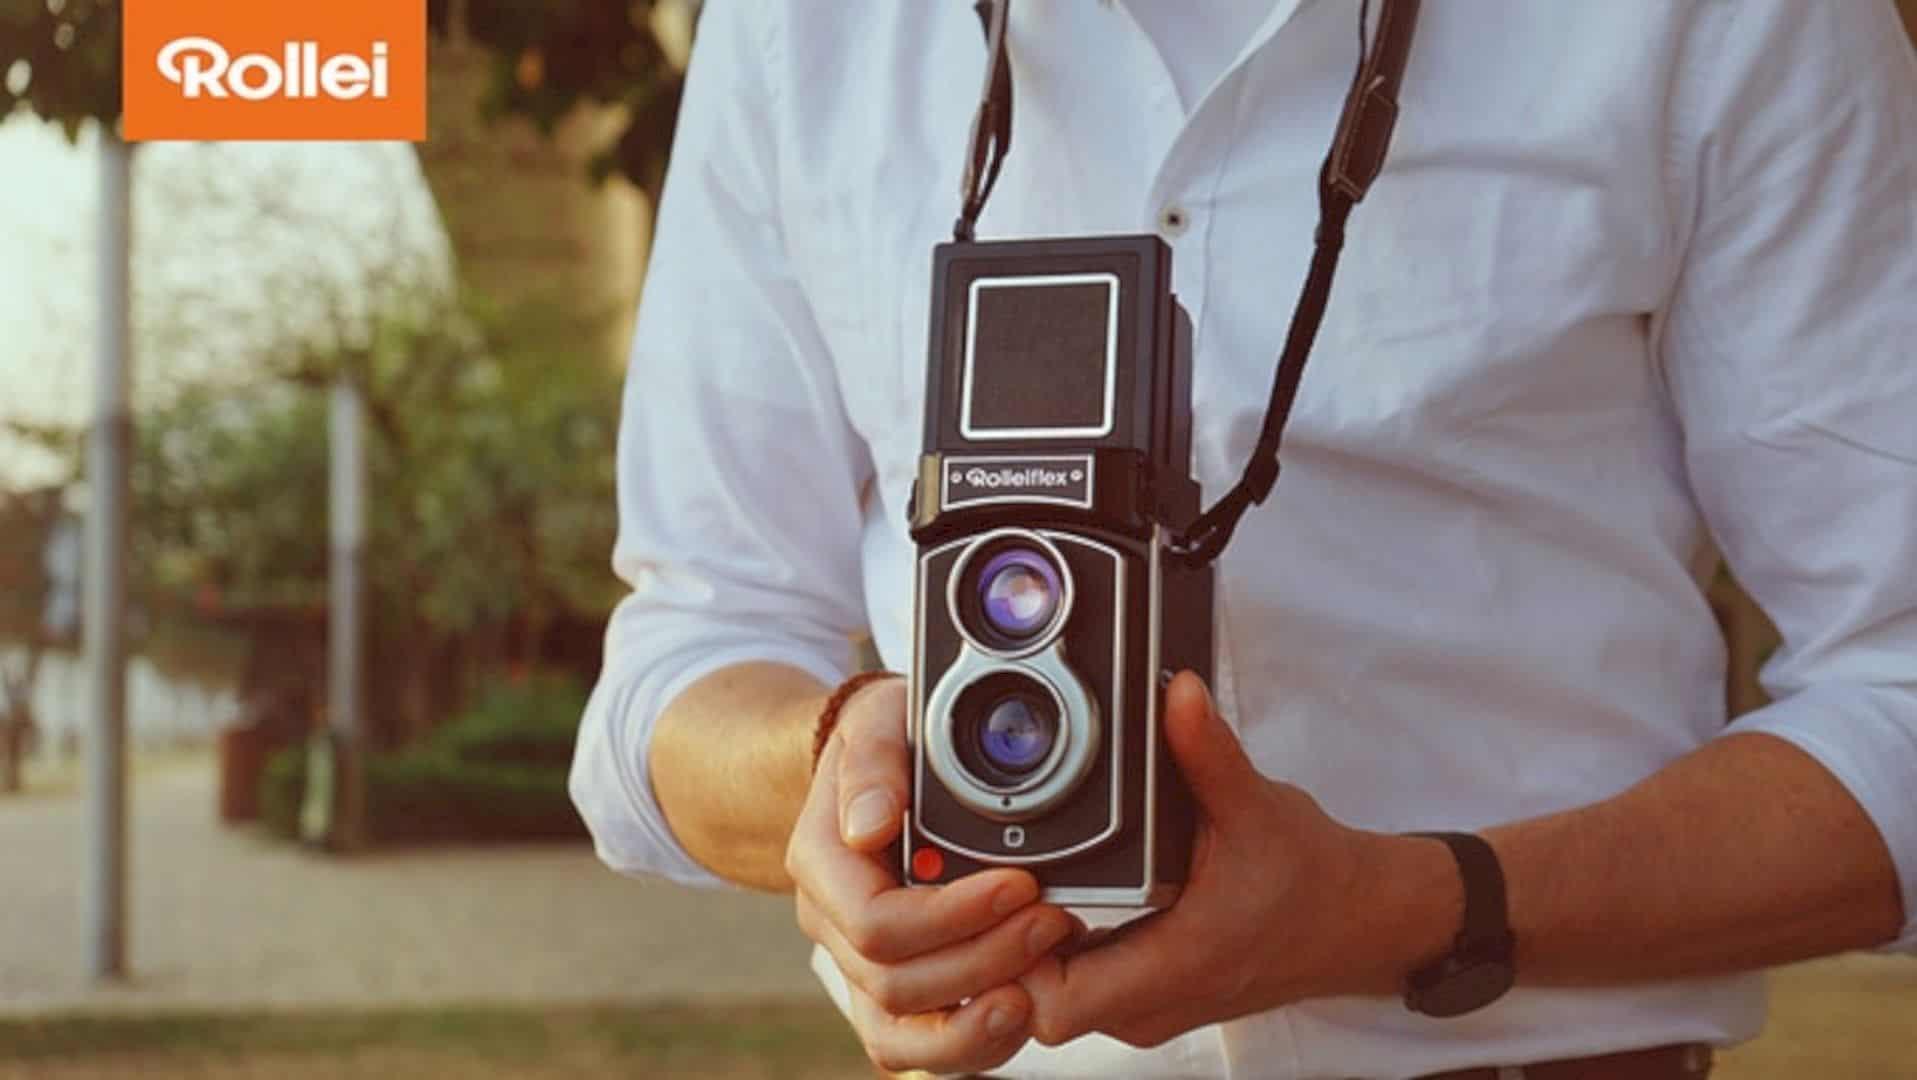 Rolleiflex™ Instant Kamera 7